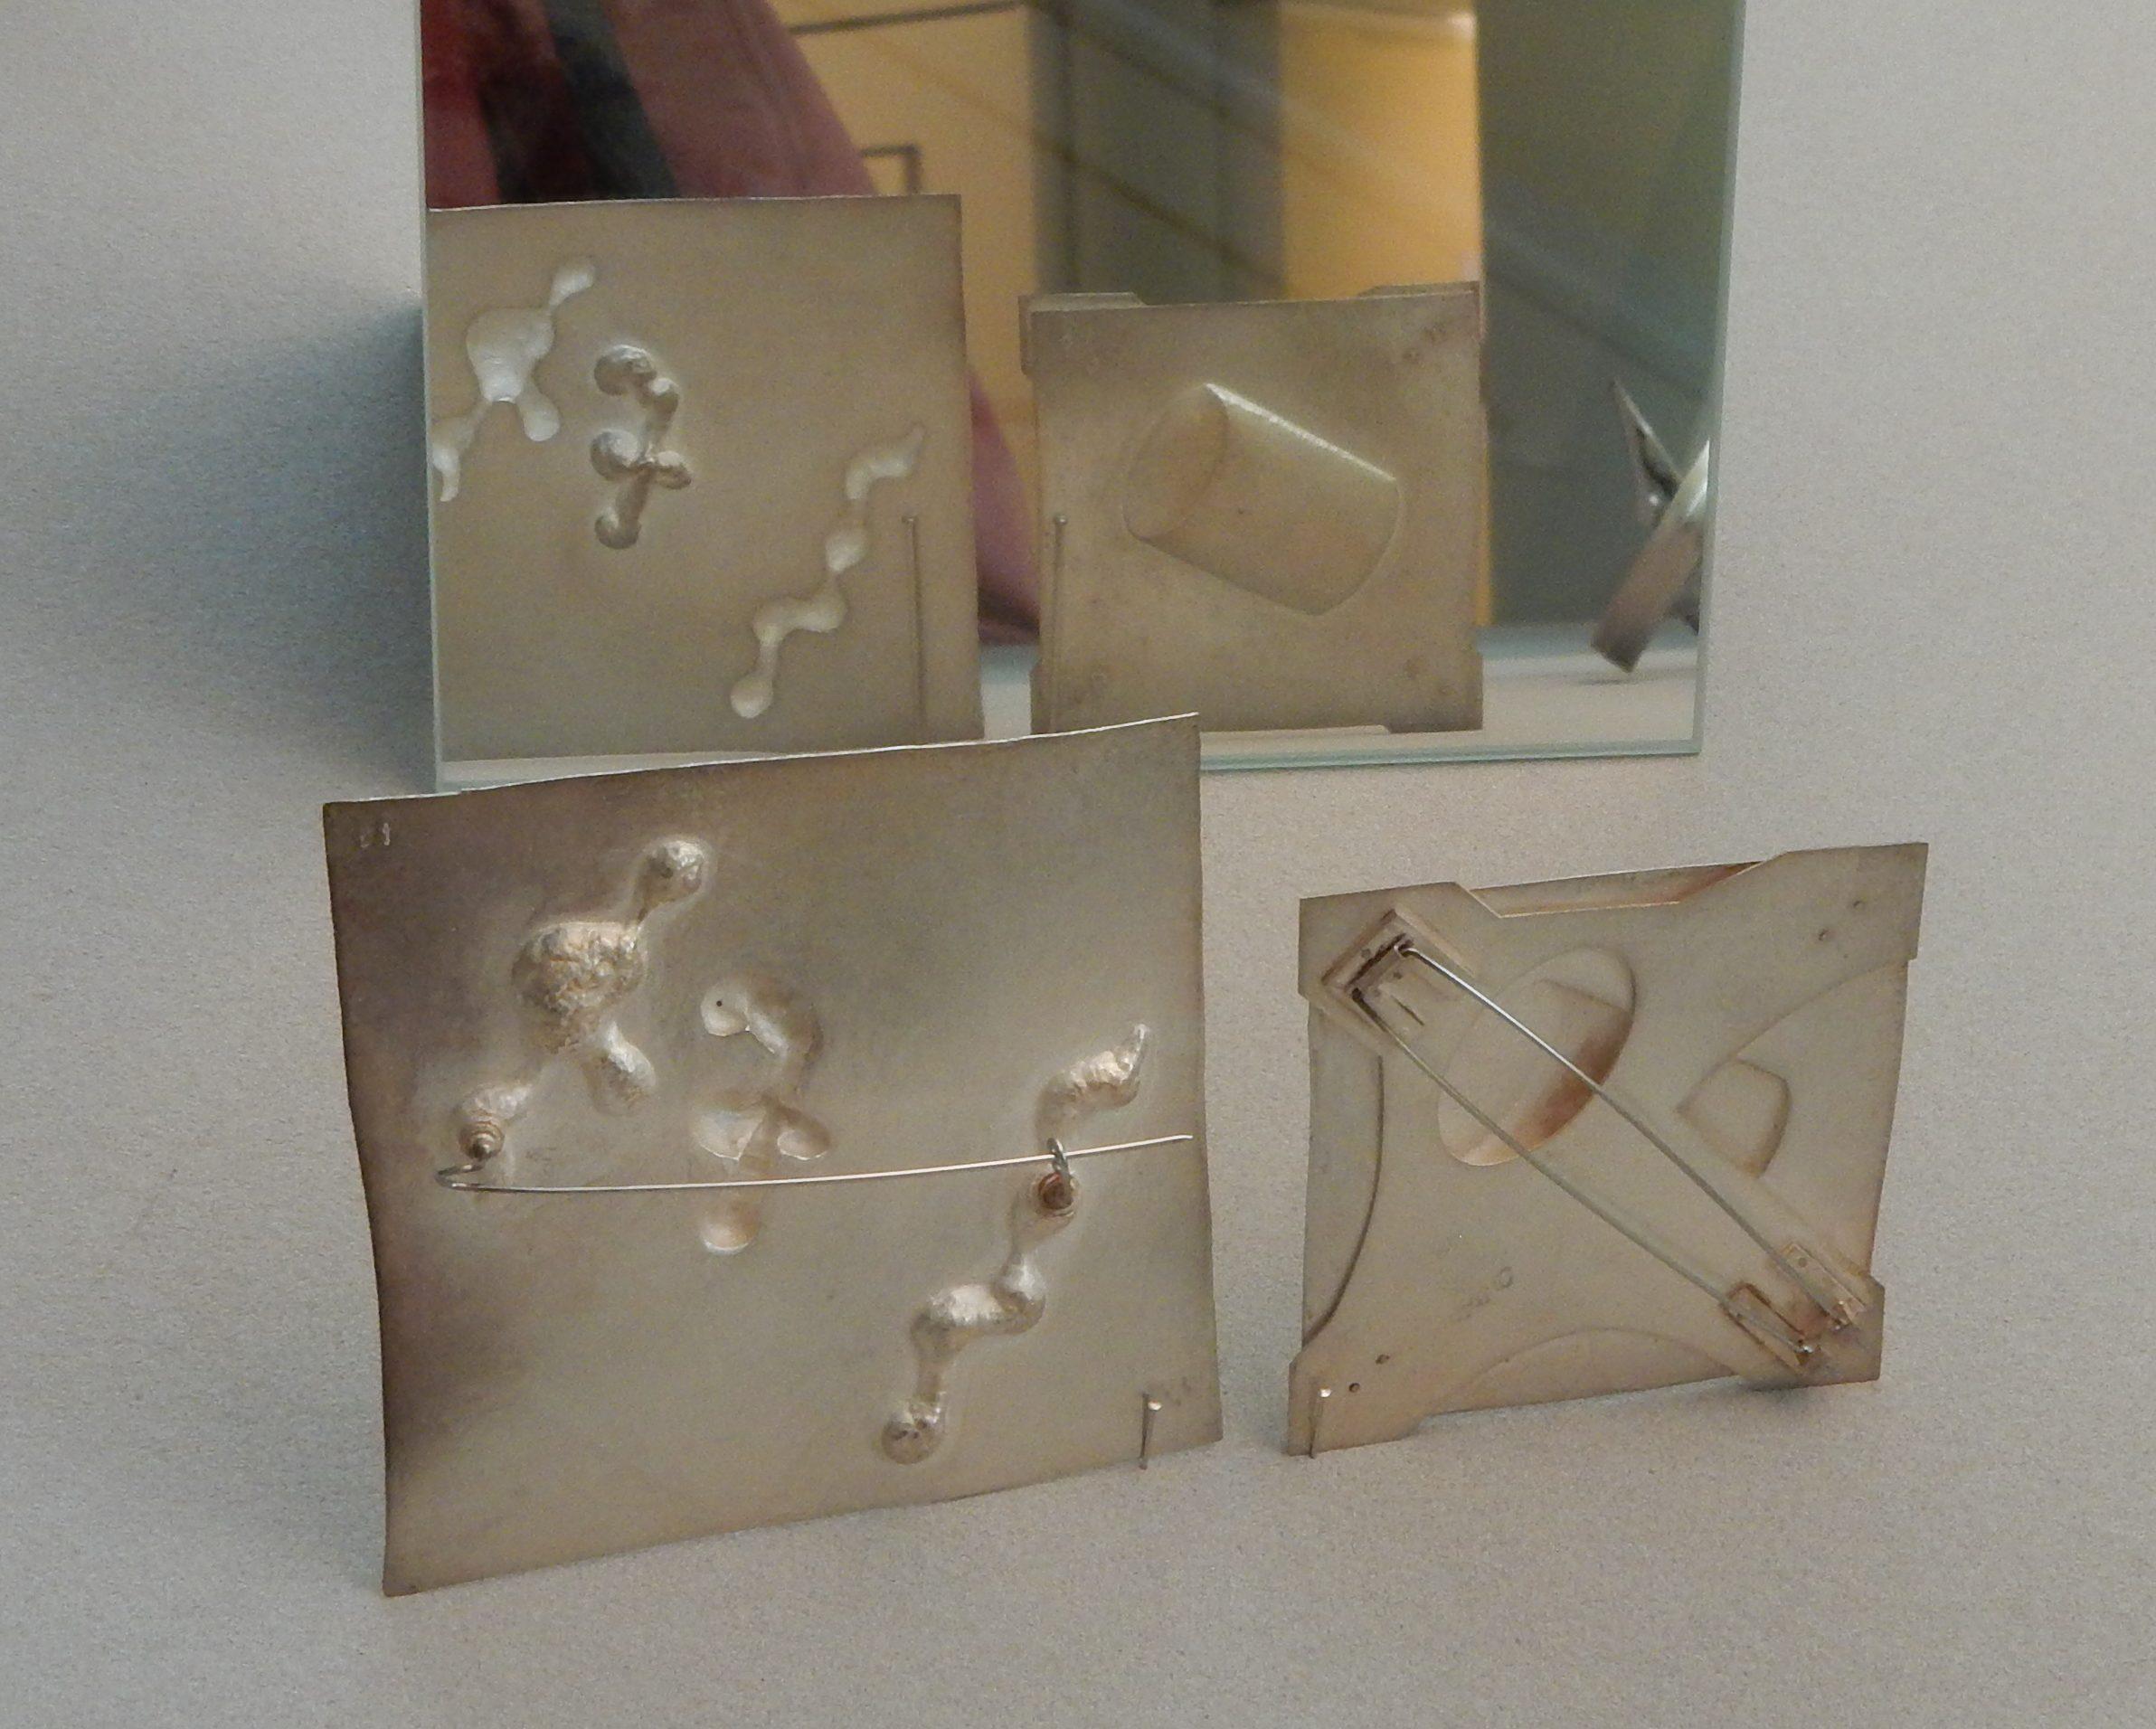 Onno Boekhoudt, broches, 1970. Collectie CODA, zilver, metaal, tentoonstelling, vitrine